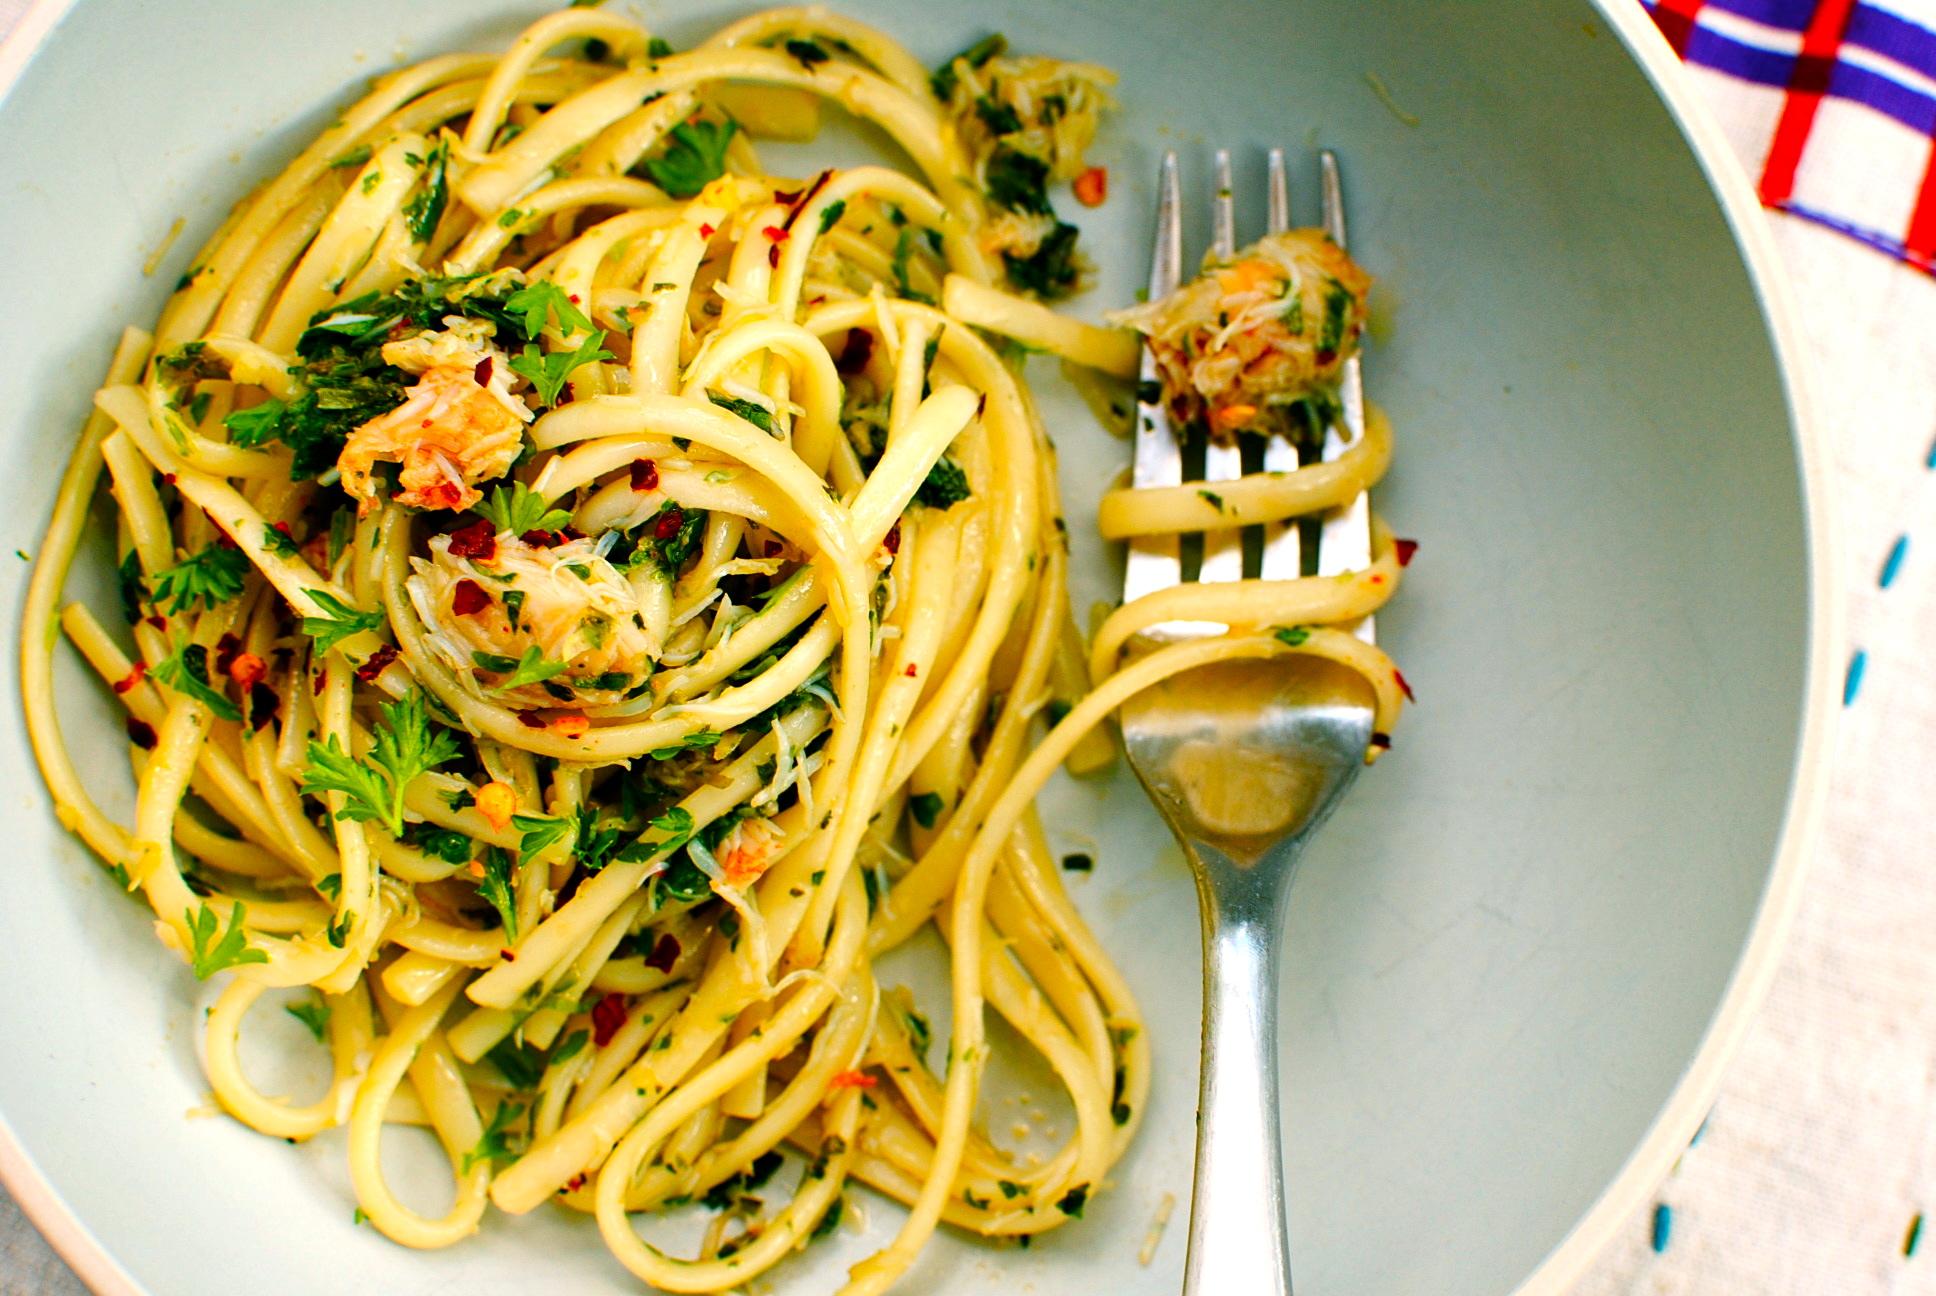 Recipes Giada De Laurentiis Pictures of linguine pasta